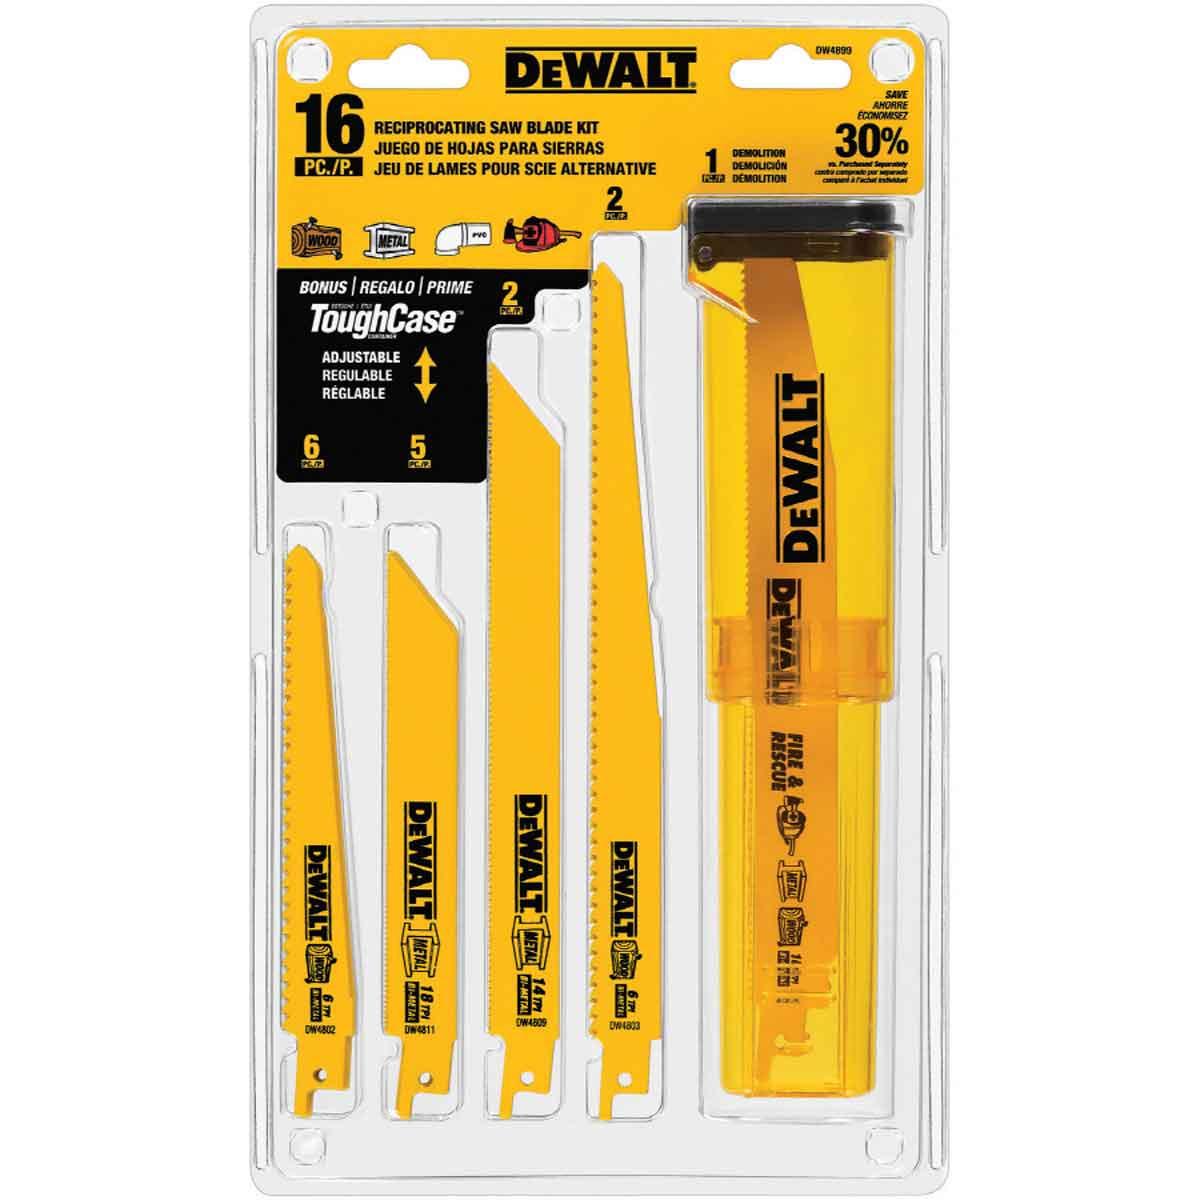 DW4899 Dewalt Reciprocating blades